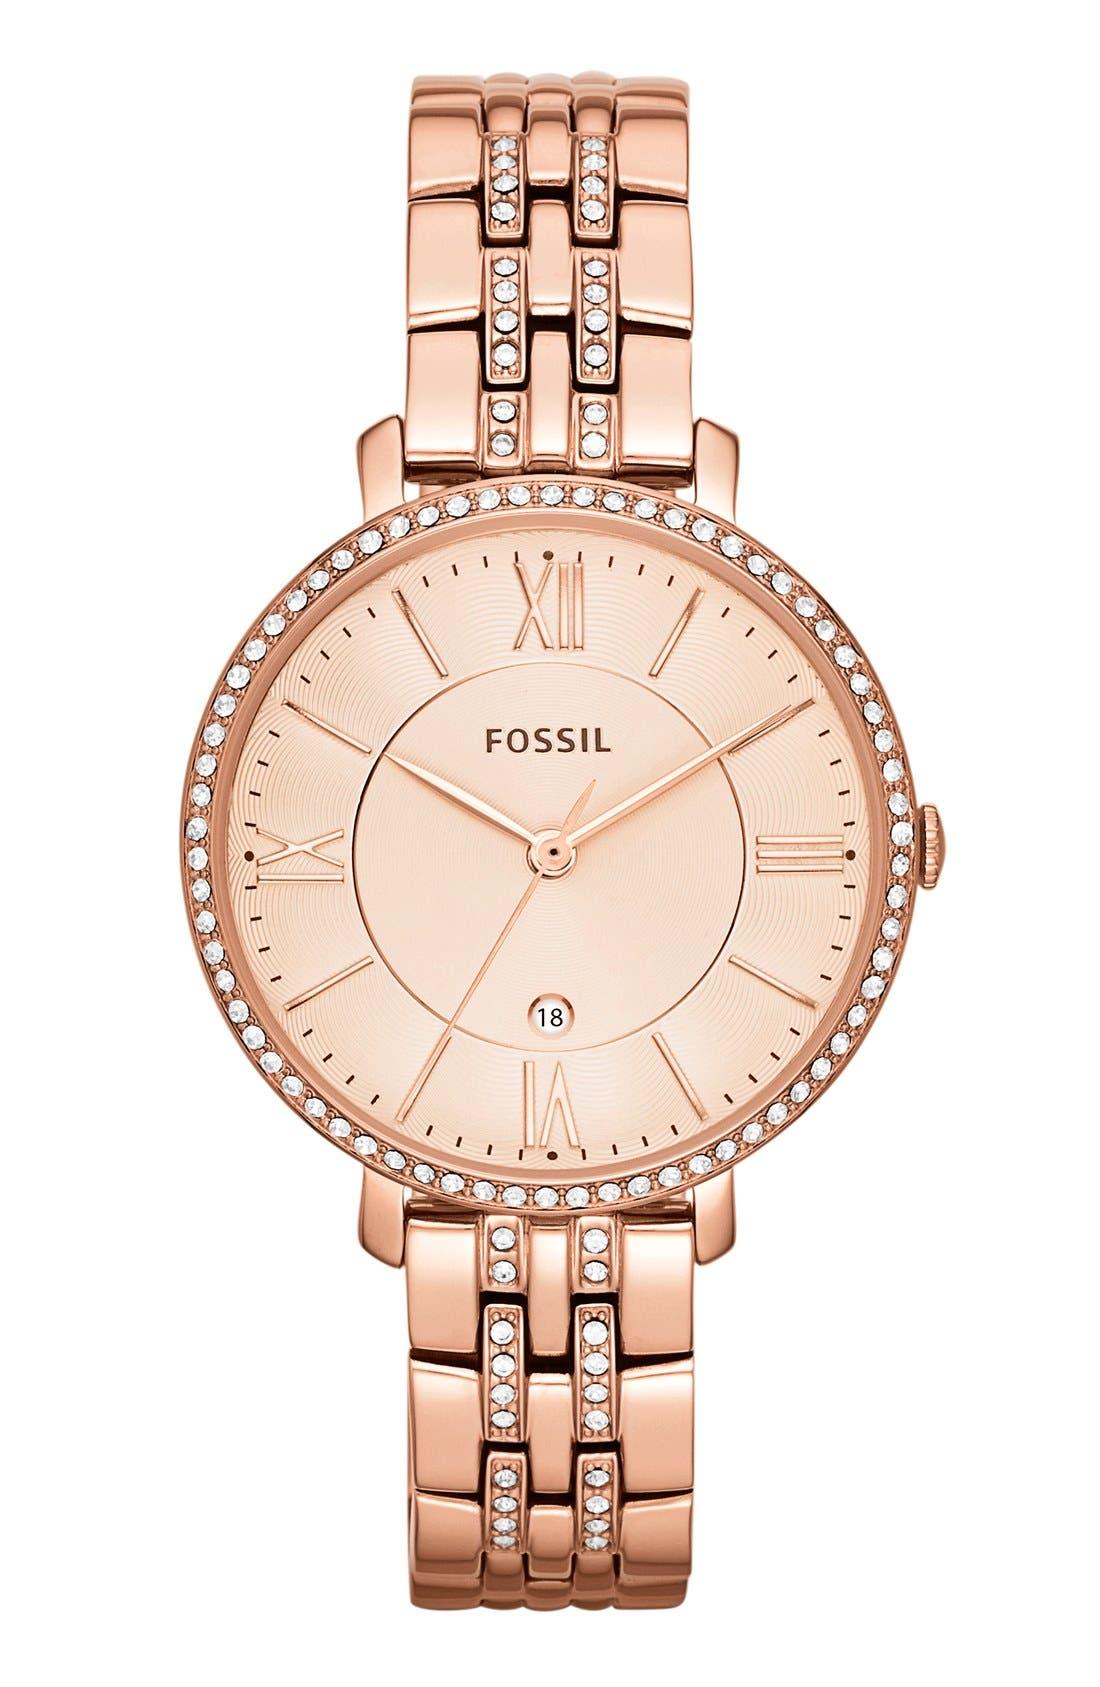 FOSSIL 'Jacqueline' Crystal Bezel Bracelet Watch, 36mm, Main, color, ROSE GOLD